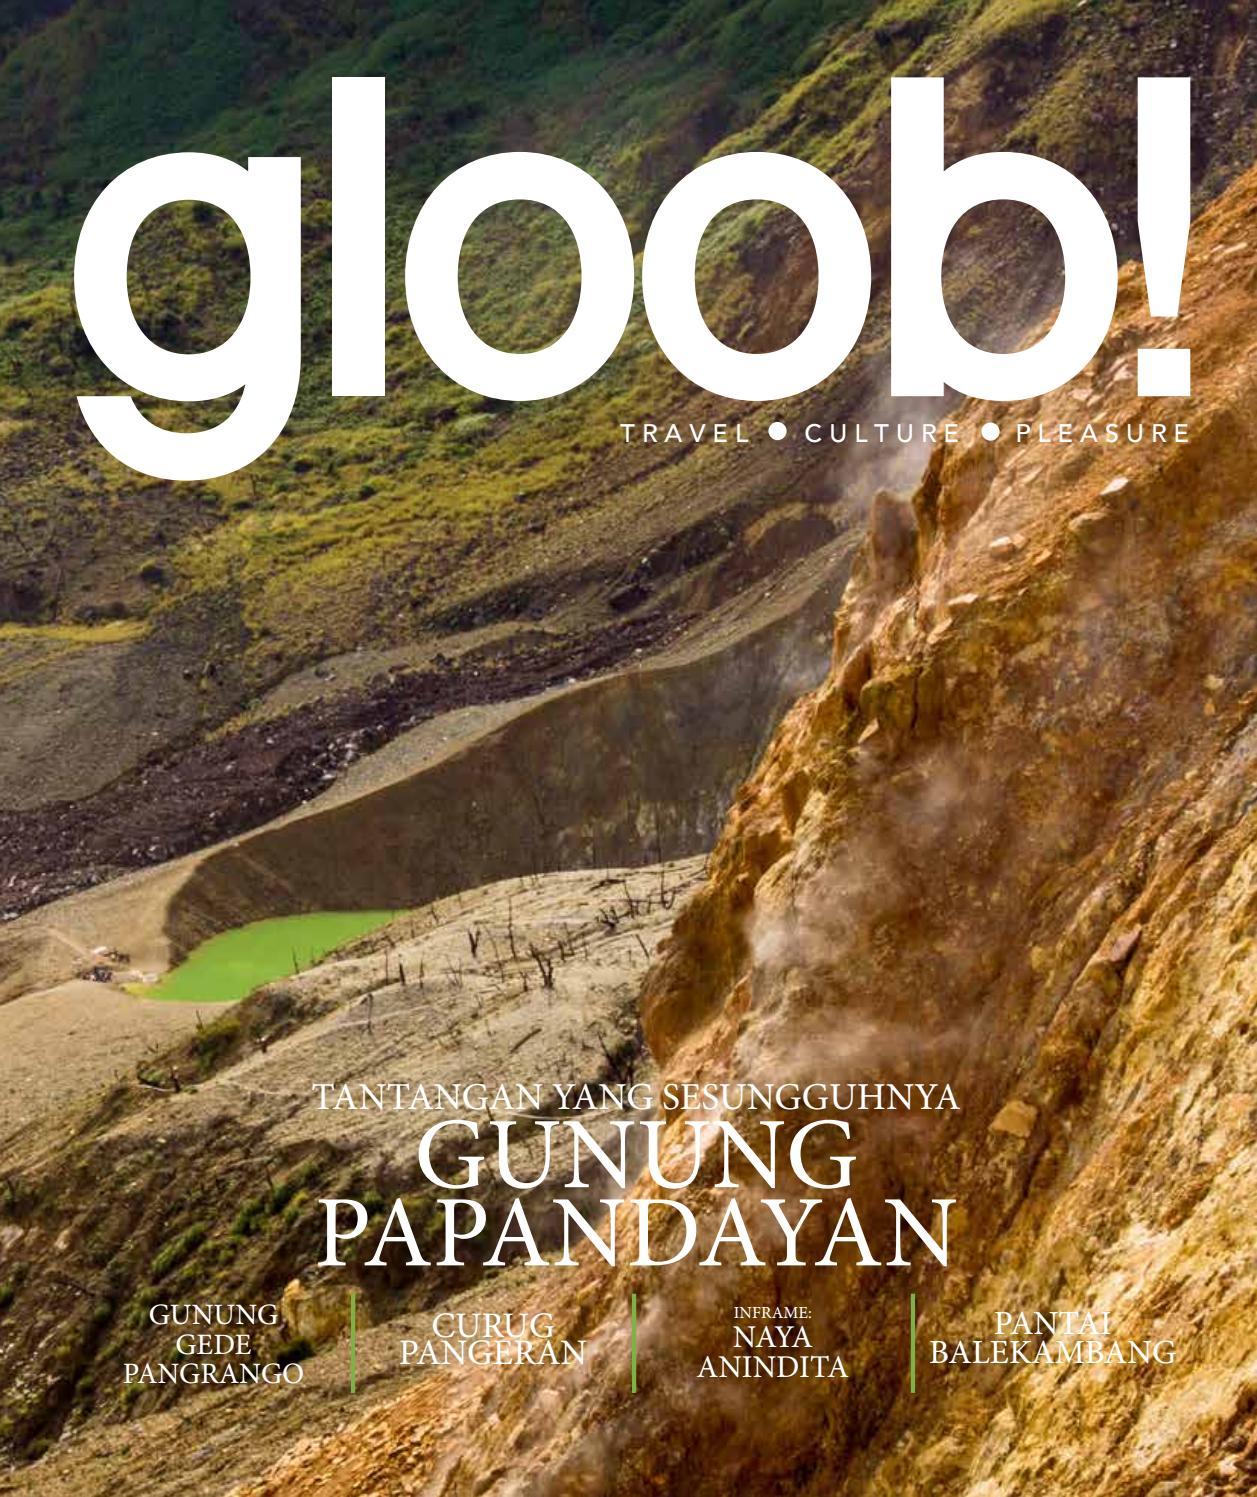 Gloob Edisi Ii Duo Favorit Majalah Traveling Gratis Free Buku Misteri Mayat Yang Berpindah By Smara Gd Magazine Indonesia Magz Issuu